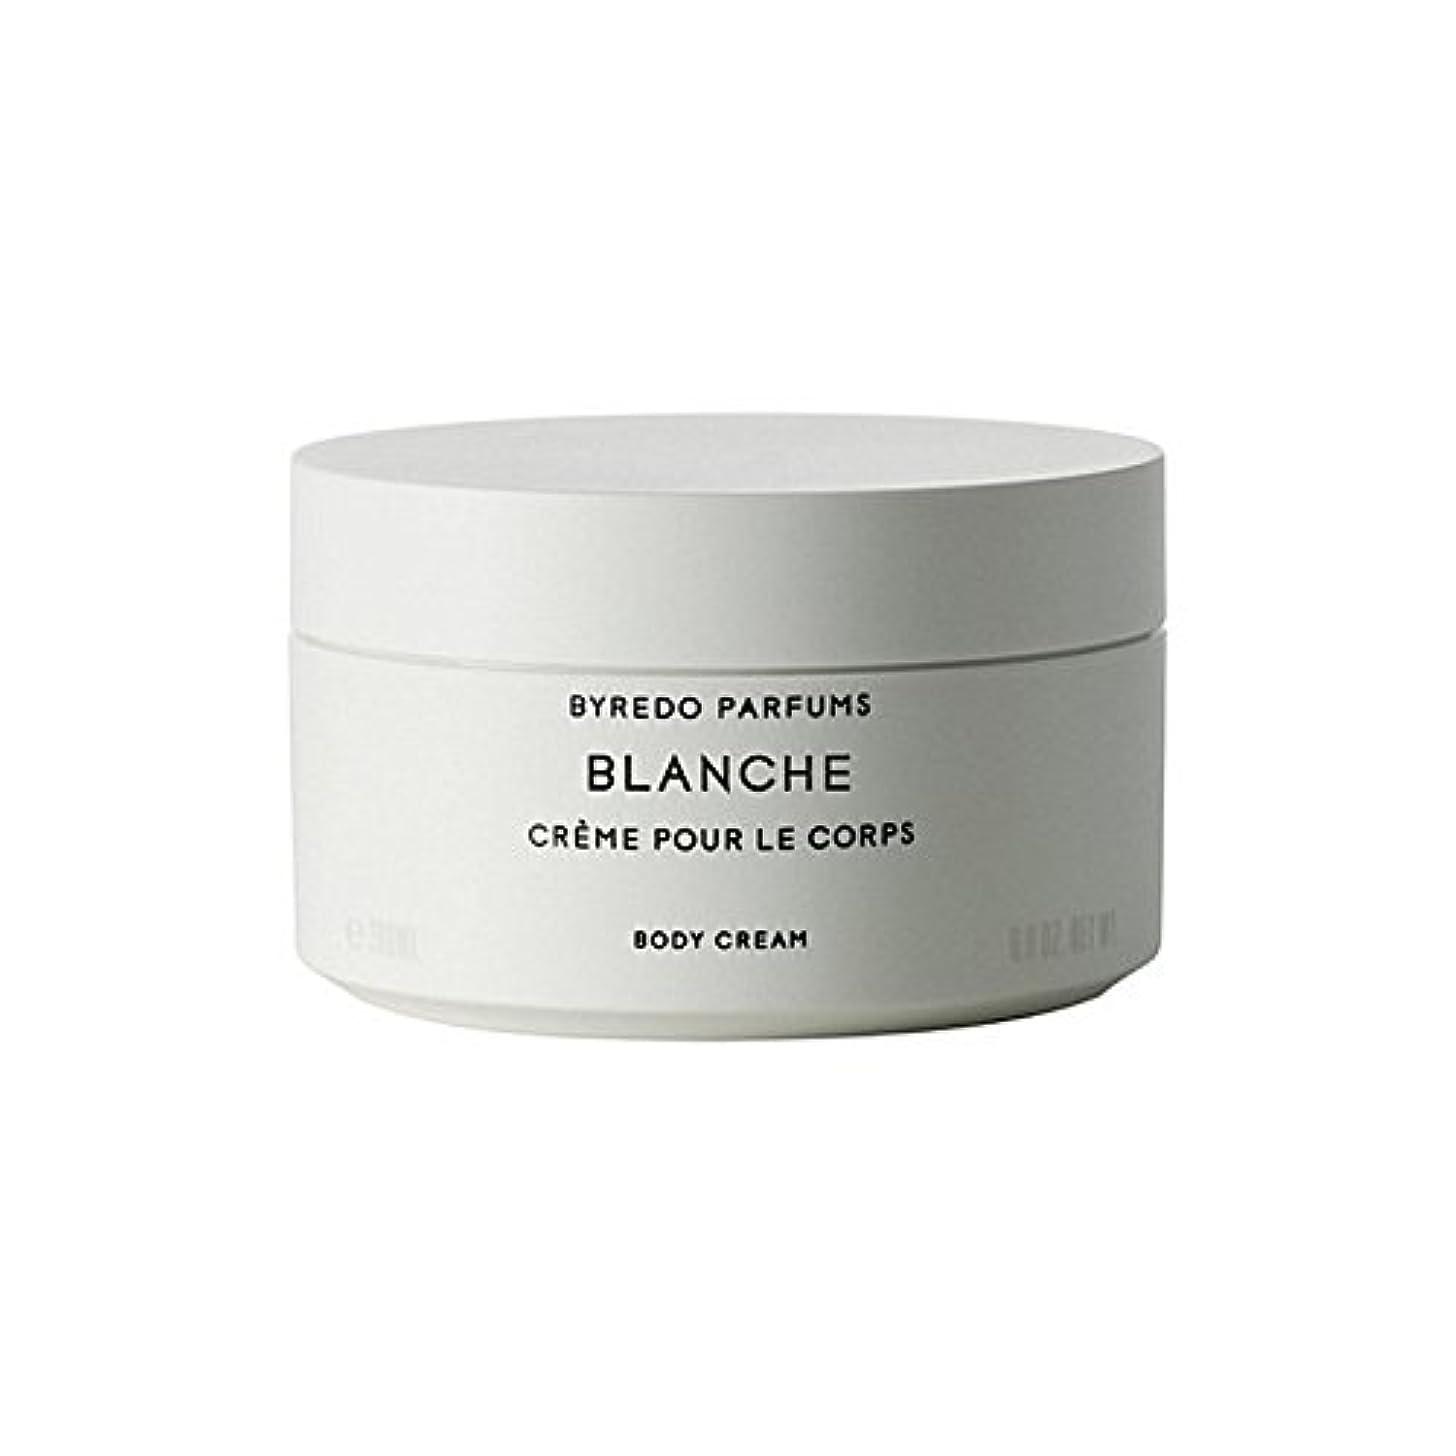 法律テント気性ブランシュボディクリーム200ミリリットル x2 - Byredo Blanche Body Cream 200ml (Pack of 2) [並行輸入品]